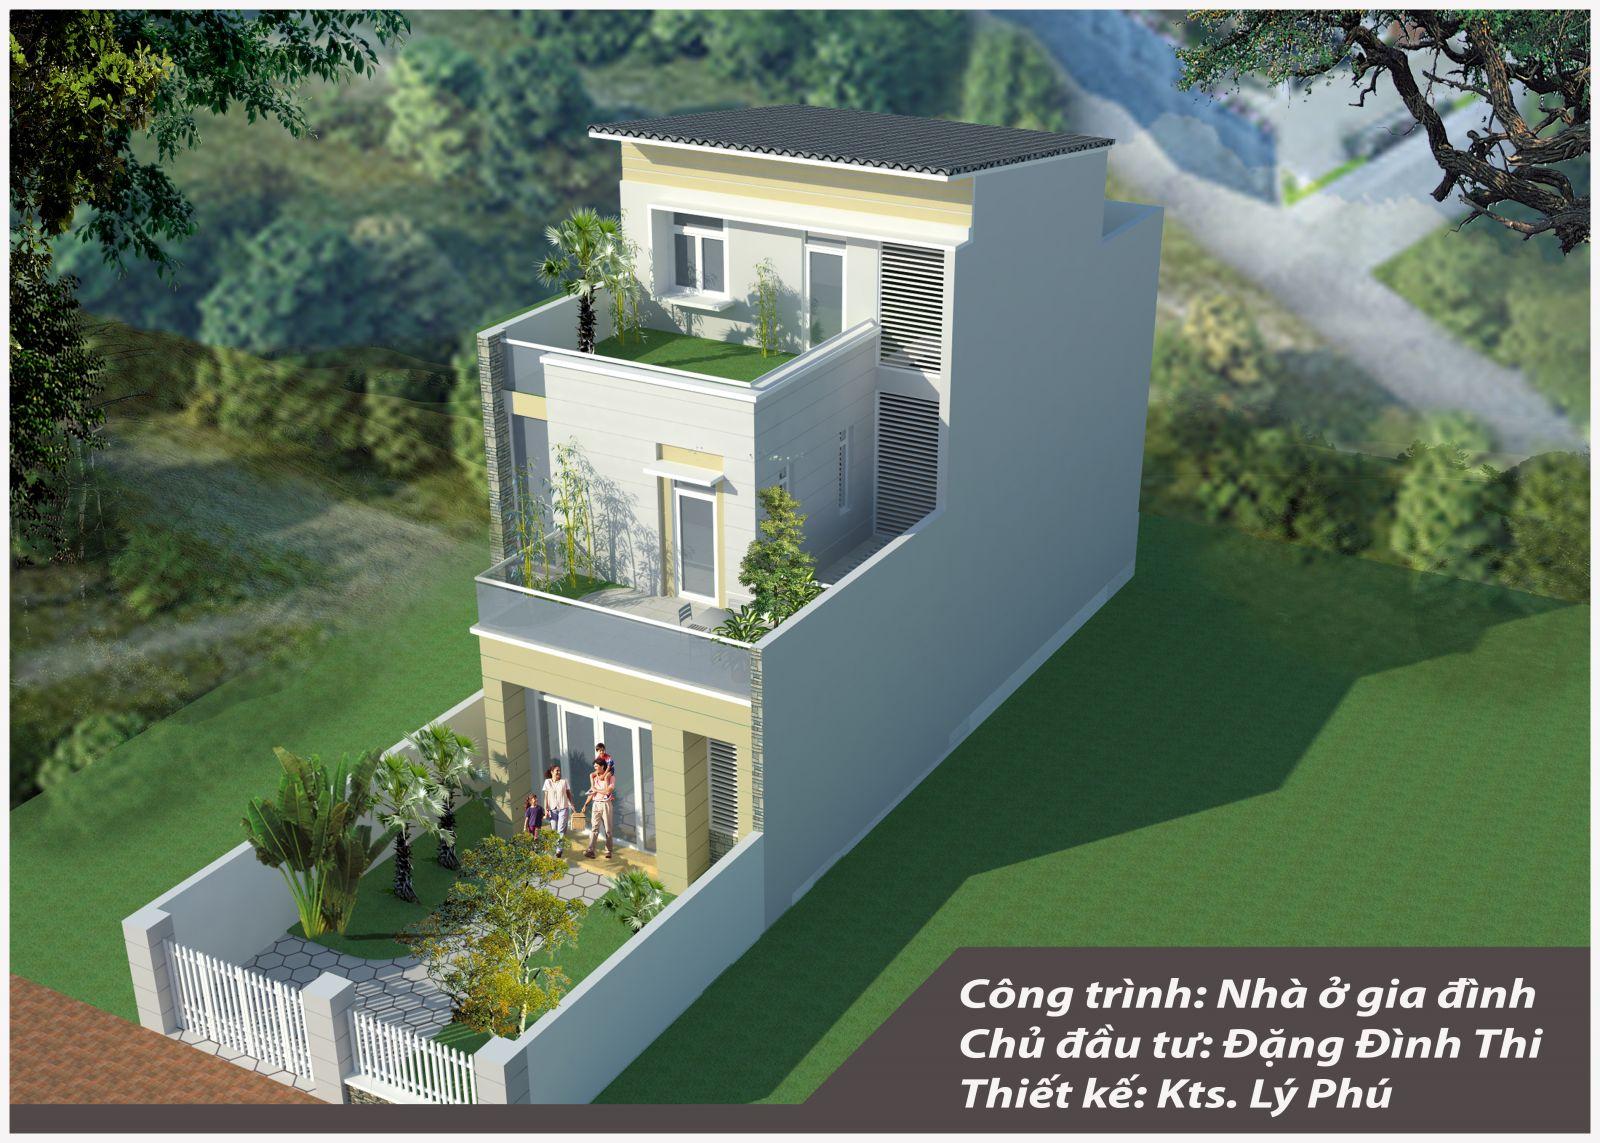 Nhà phố 7x23m - Thị xã Đồng Xoài  - Tỉnh Bình Phước